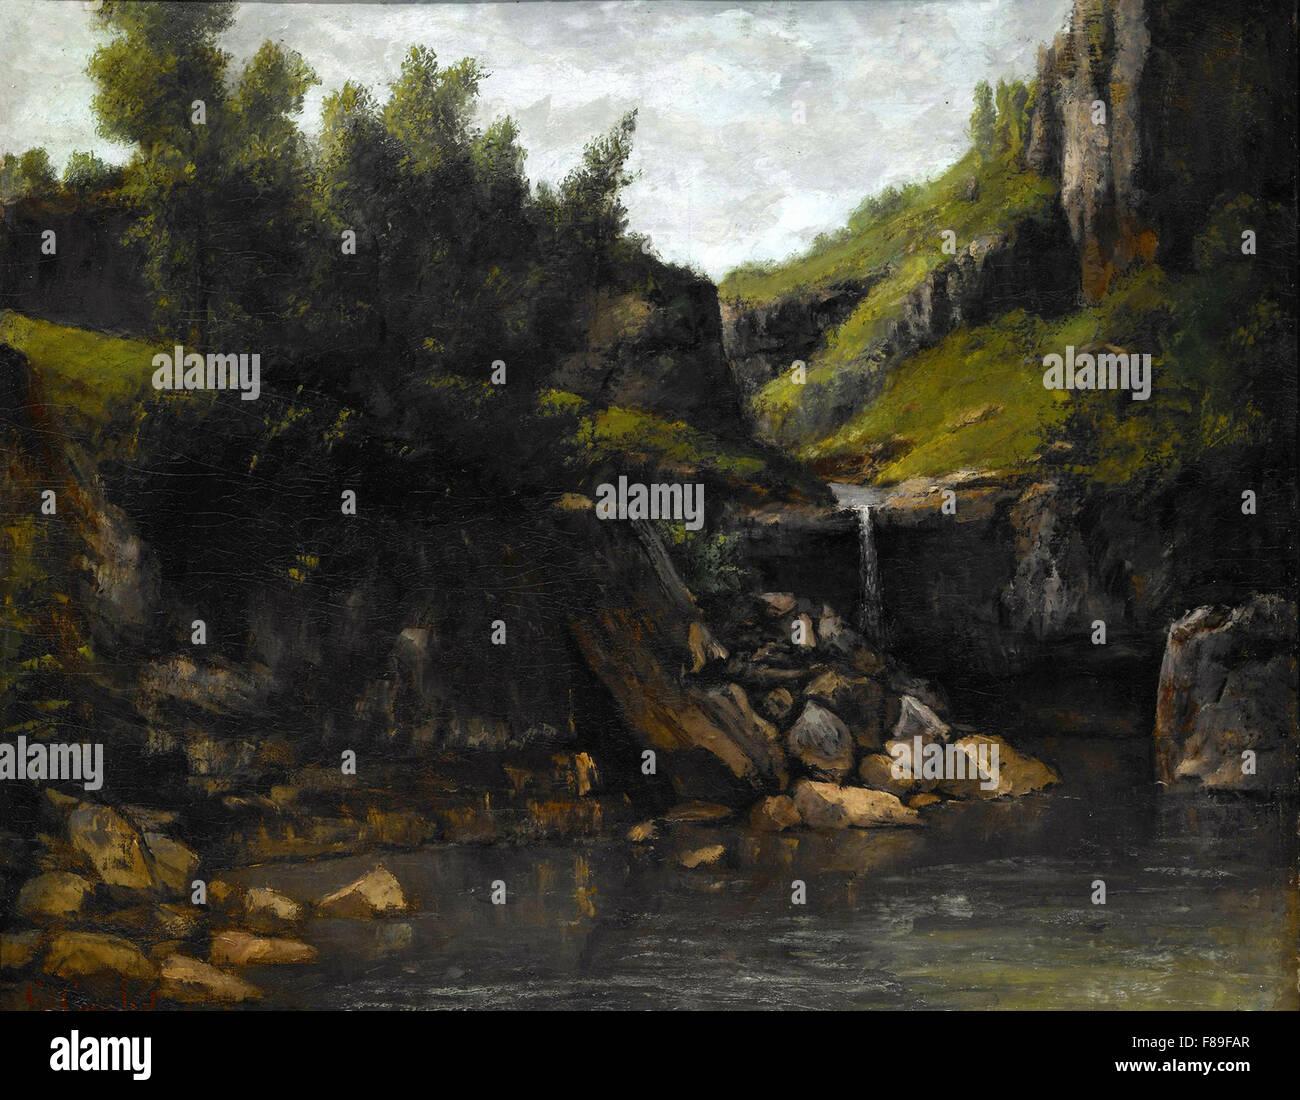 Gustave Courbet - cascata in un paesaggio roccioso Immagini Stock